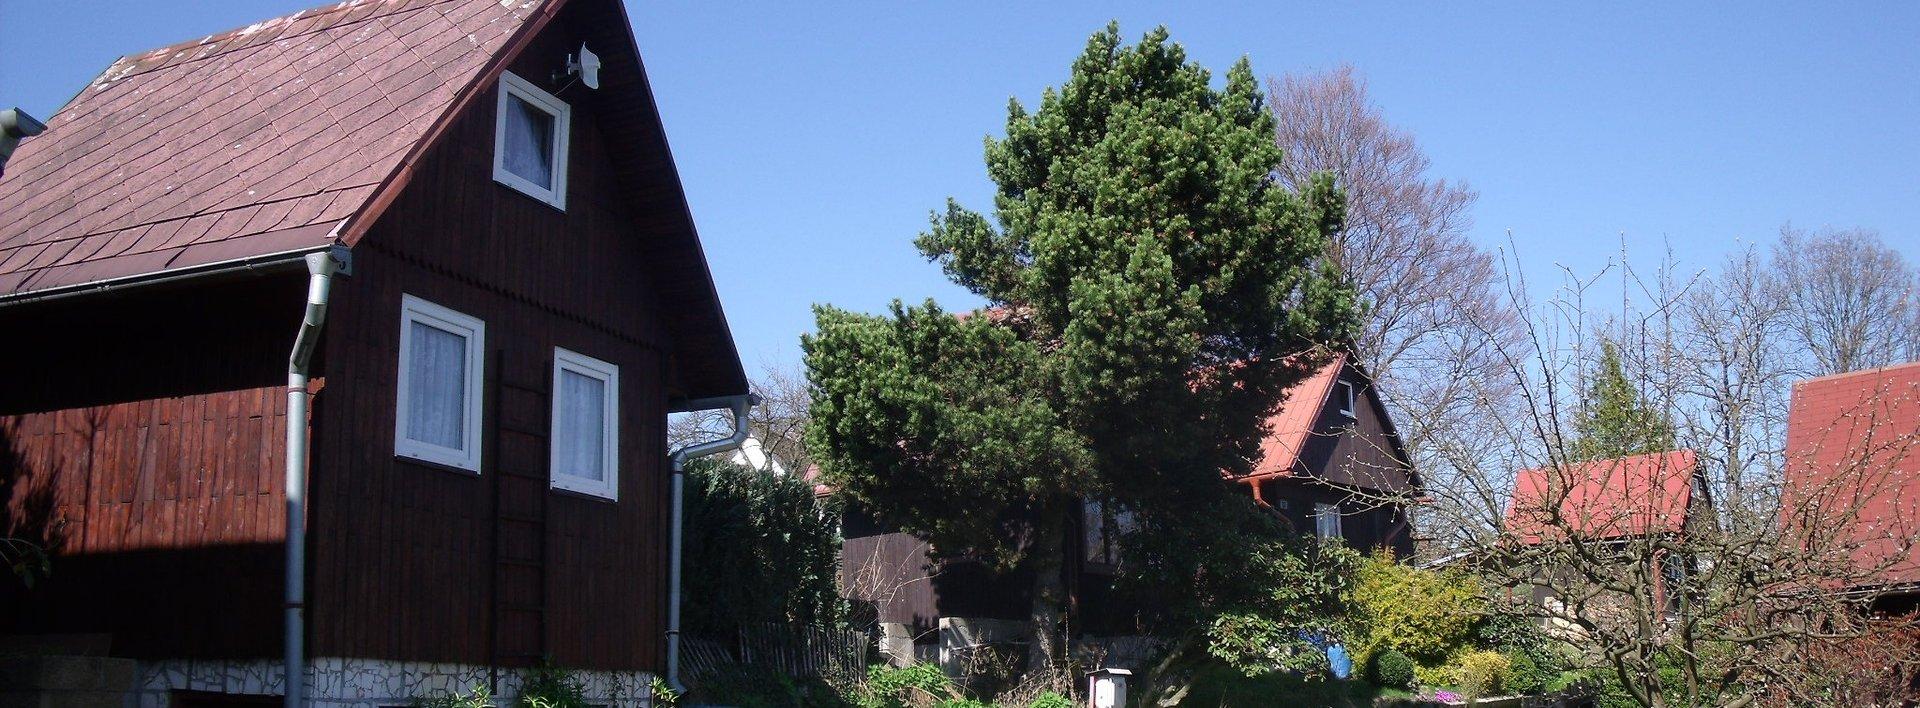 Prodej rekreační chaty se slunným pozemkem, Liberec - Vratislavice n. N., Ev.č.: N47939